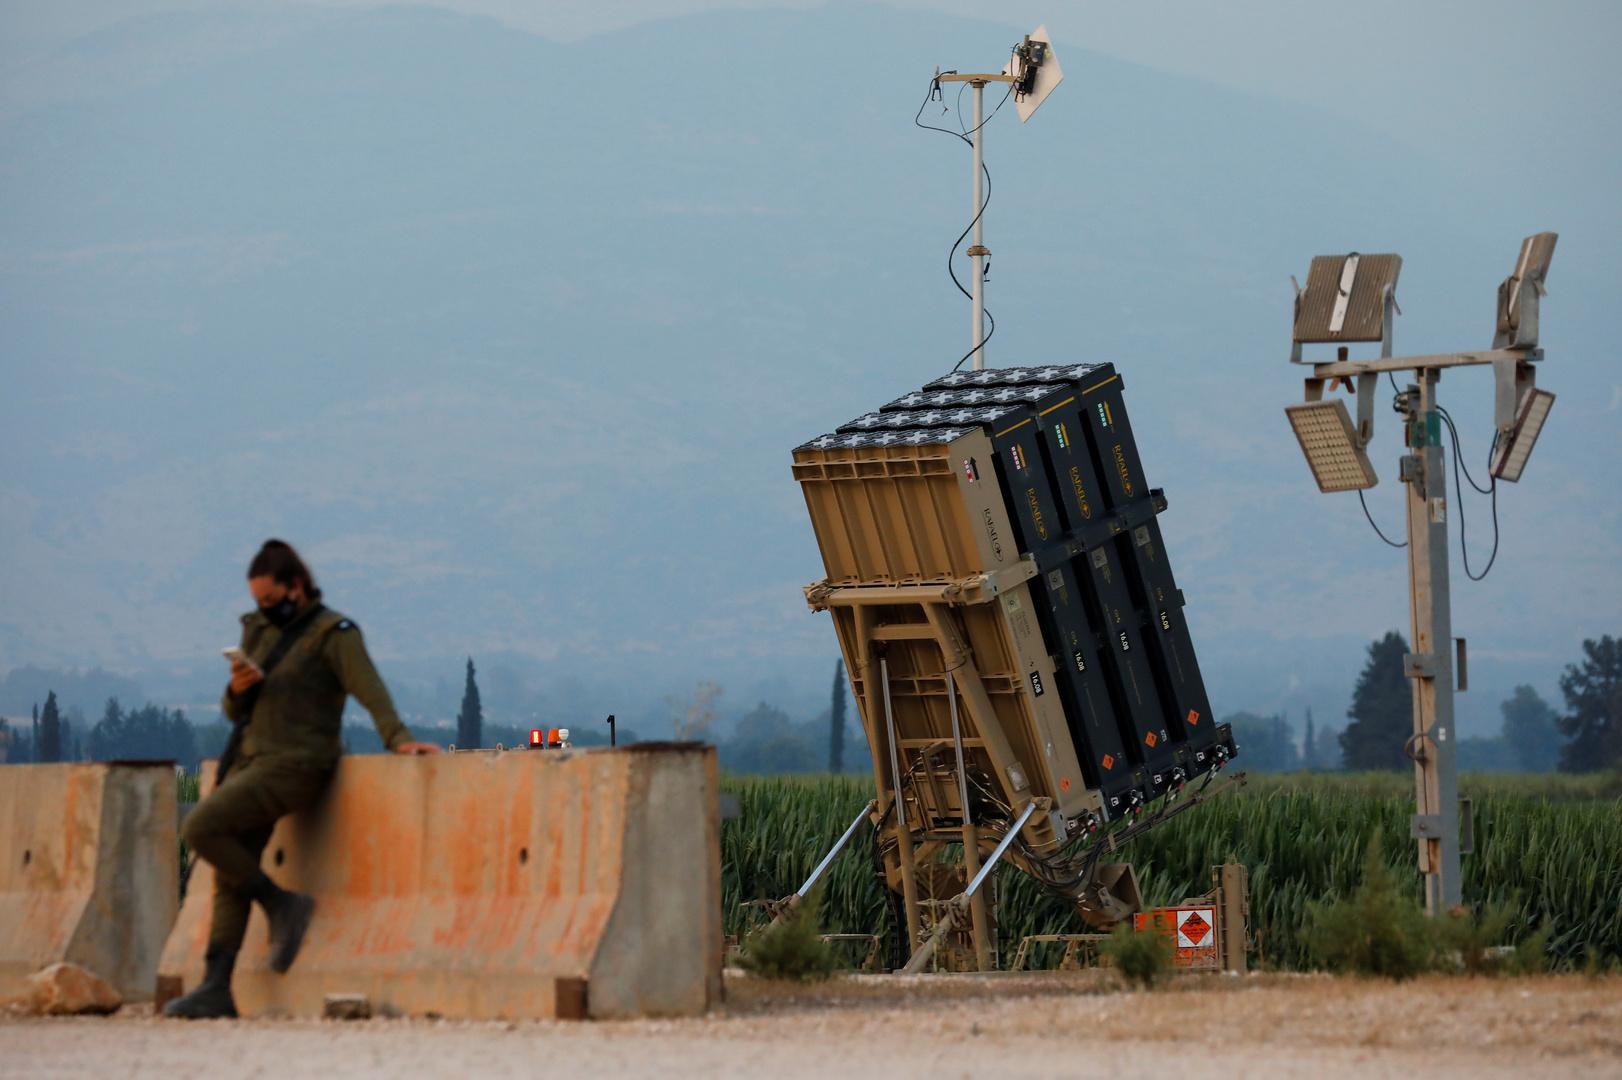 الجيش الإسرائيلي يكشف عدد الصواريخ التي أطلقت من غزة منذ الاثنين الماضي